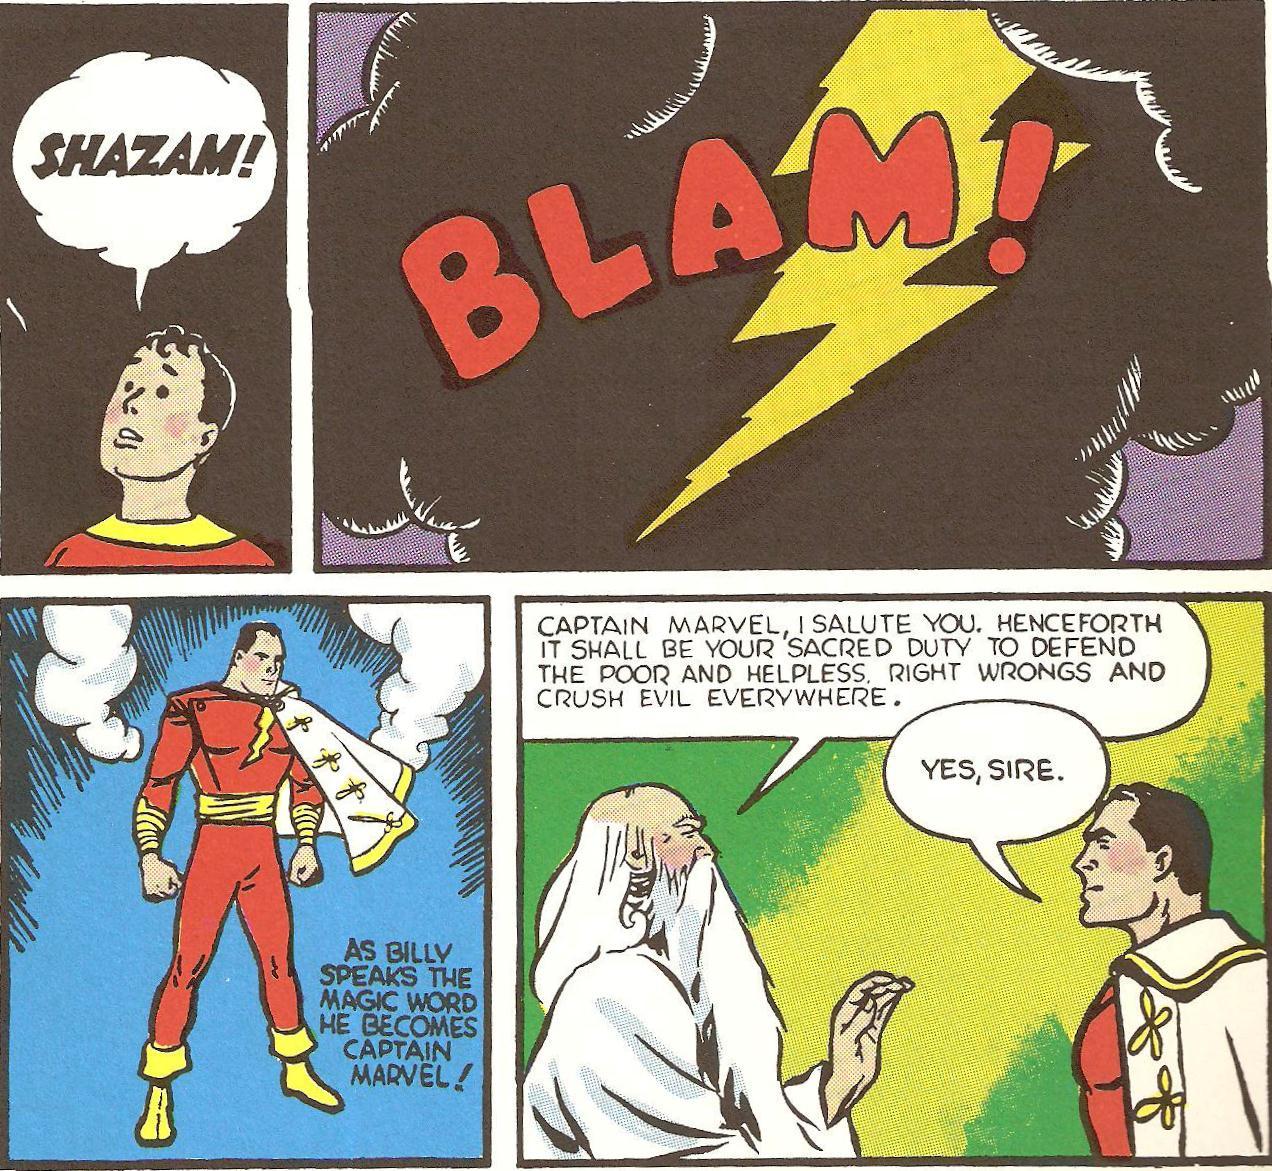 http://1.bp.blogspot.com/-xH682F8IjRo/VgsKtCeR7UI/AAAAAAAAJaw/PnmLSjdYWPg/s1600/Whiz-Comics-2-1940.jpg